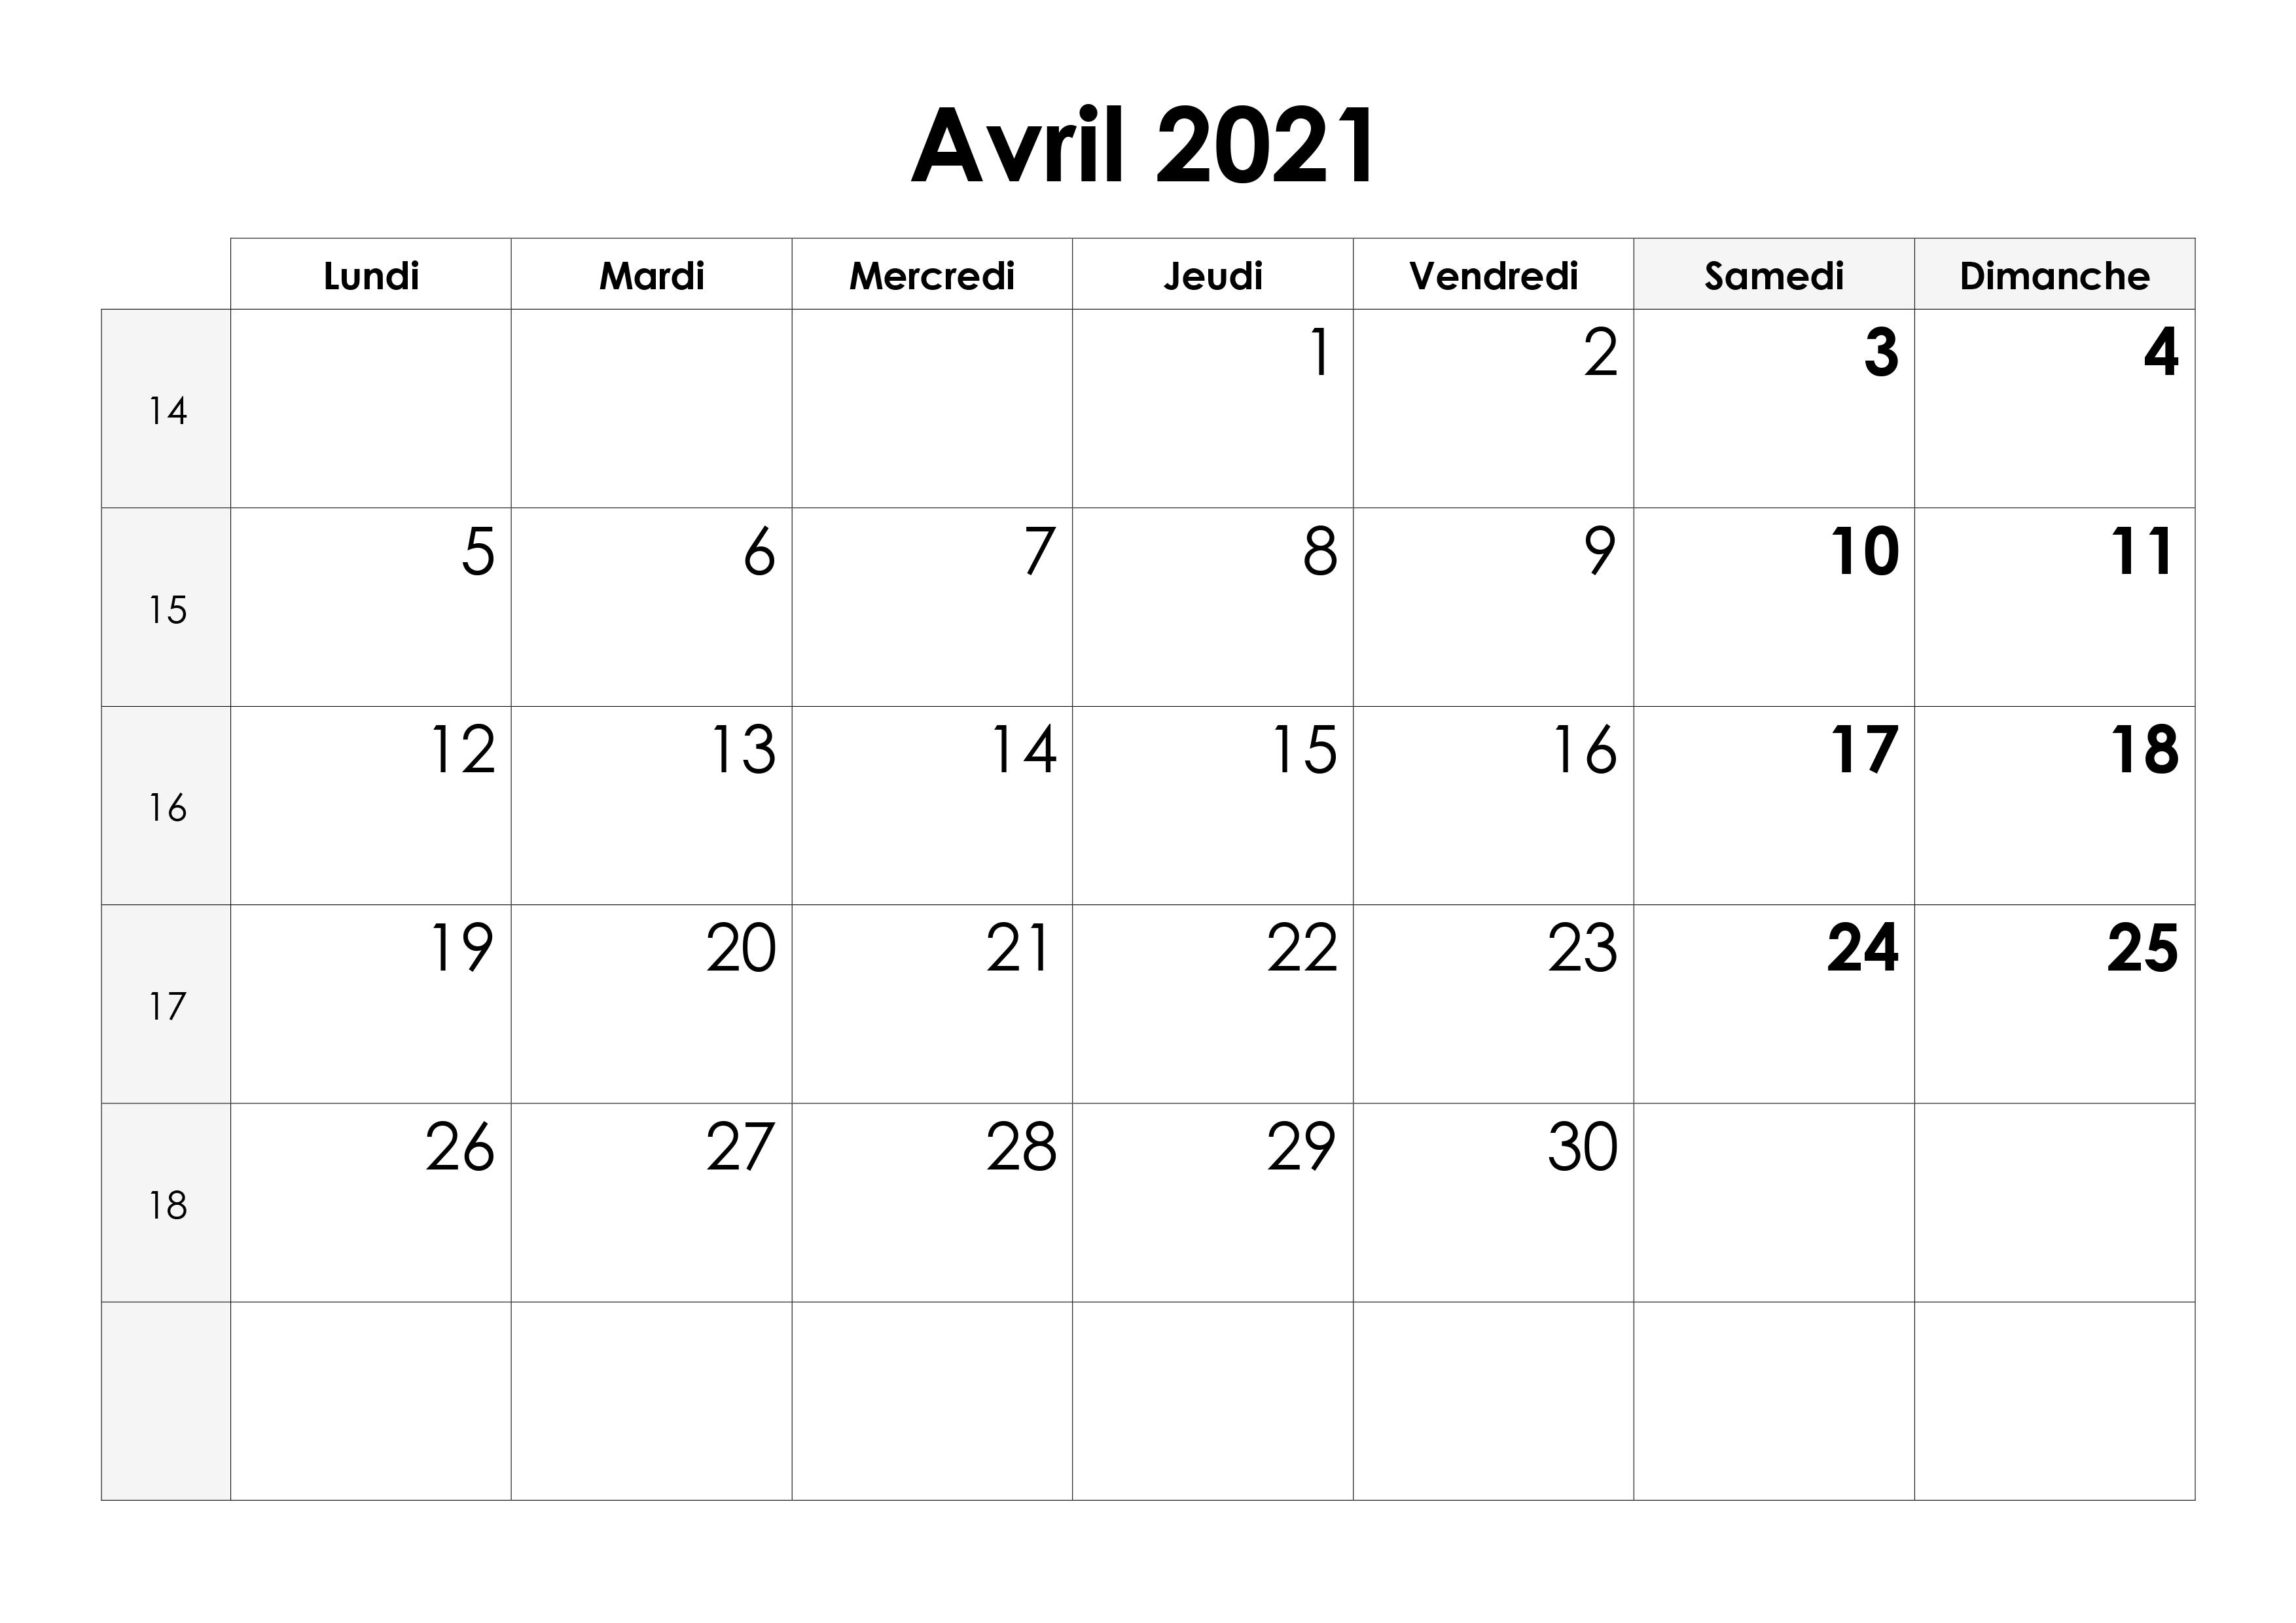 Calendrier Mars Et Avril 2021 Calendrier avril 2021 – calendrier.su